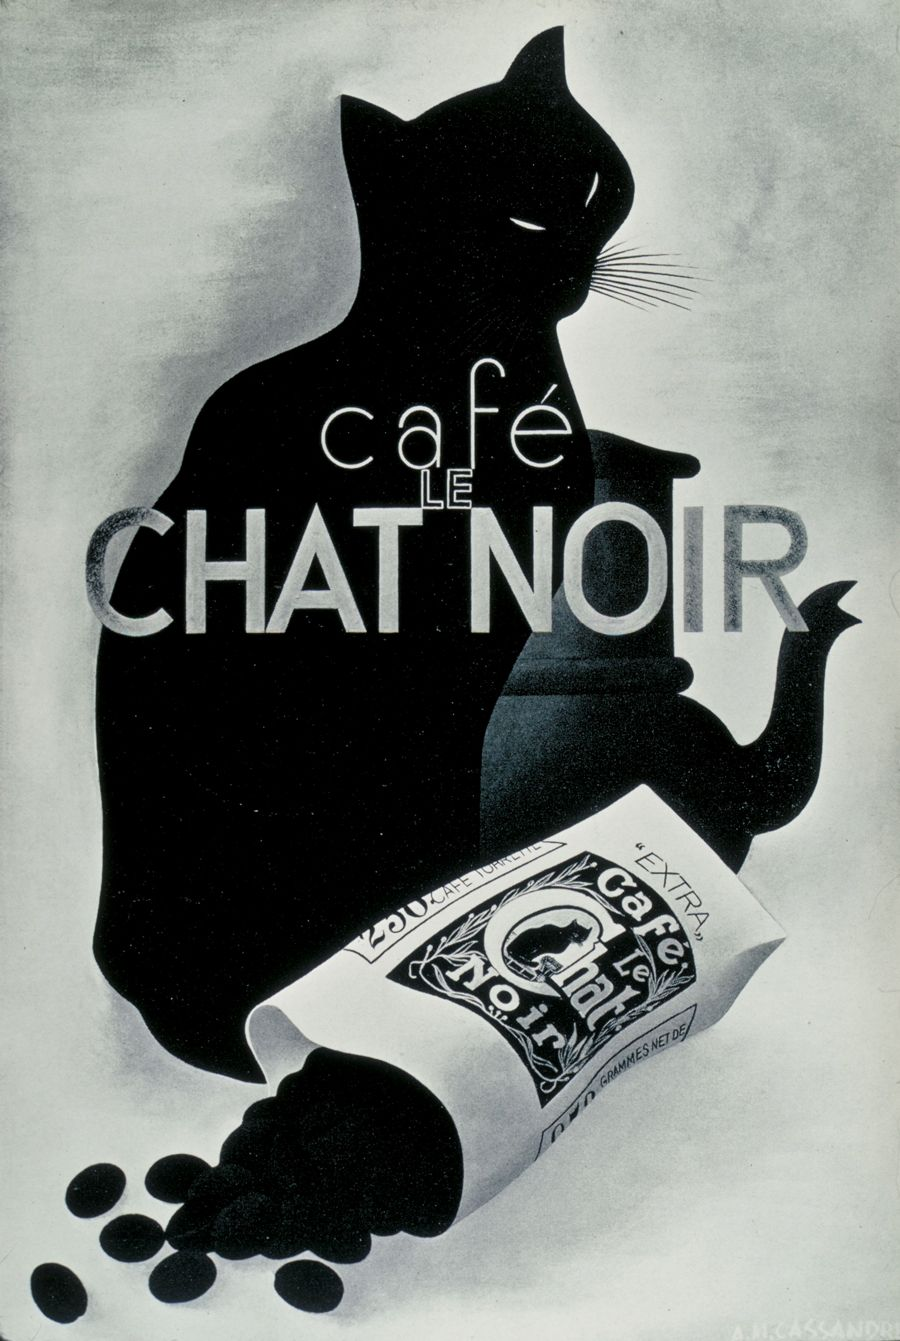 Café Le Chat Noir advertising poster by A.M. Cassandre, 1932 ...